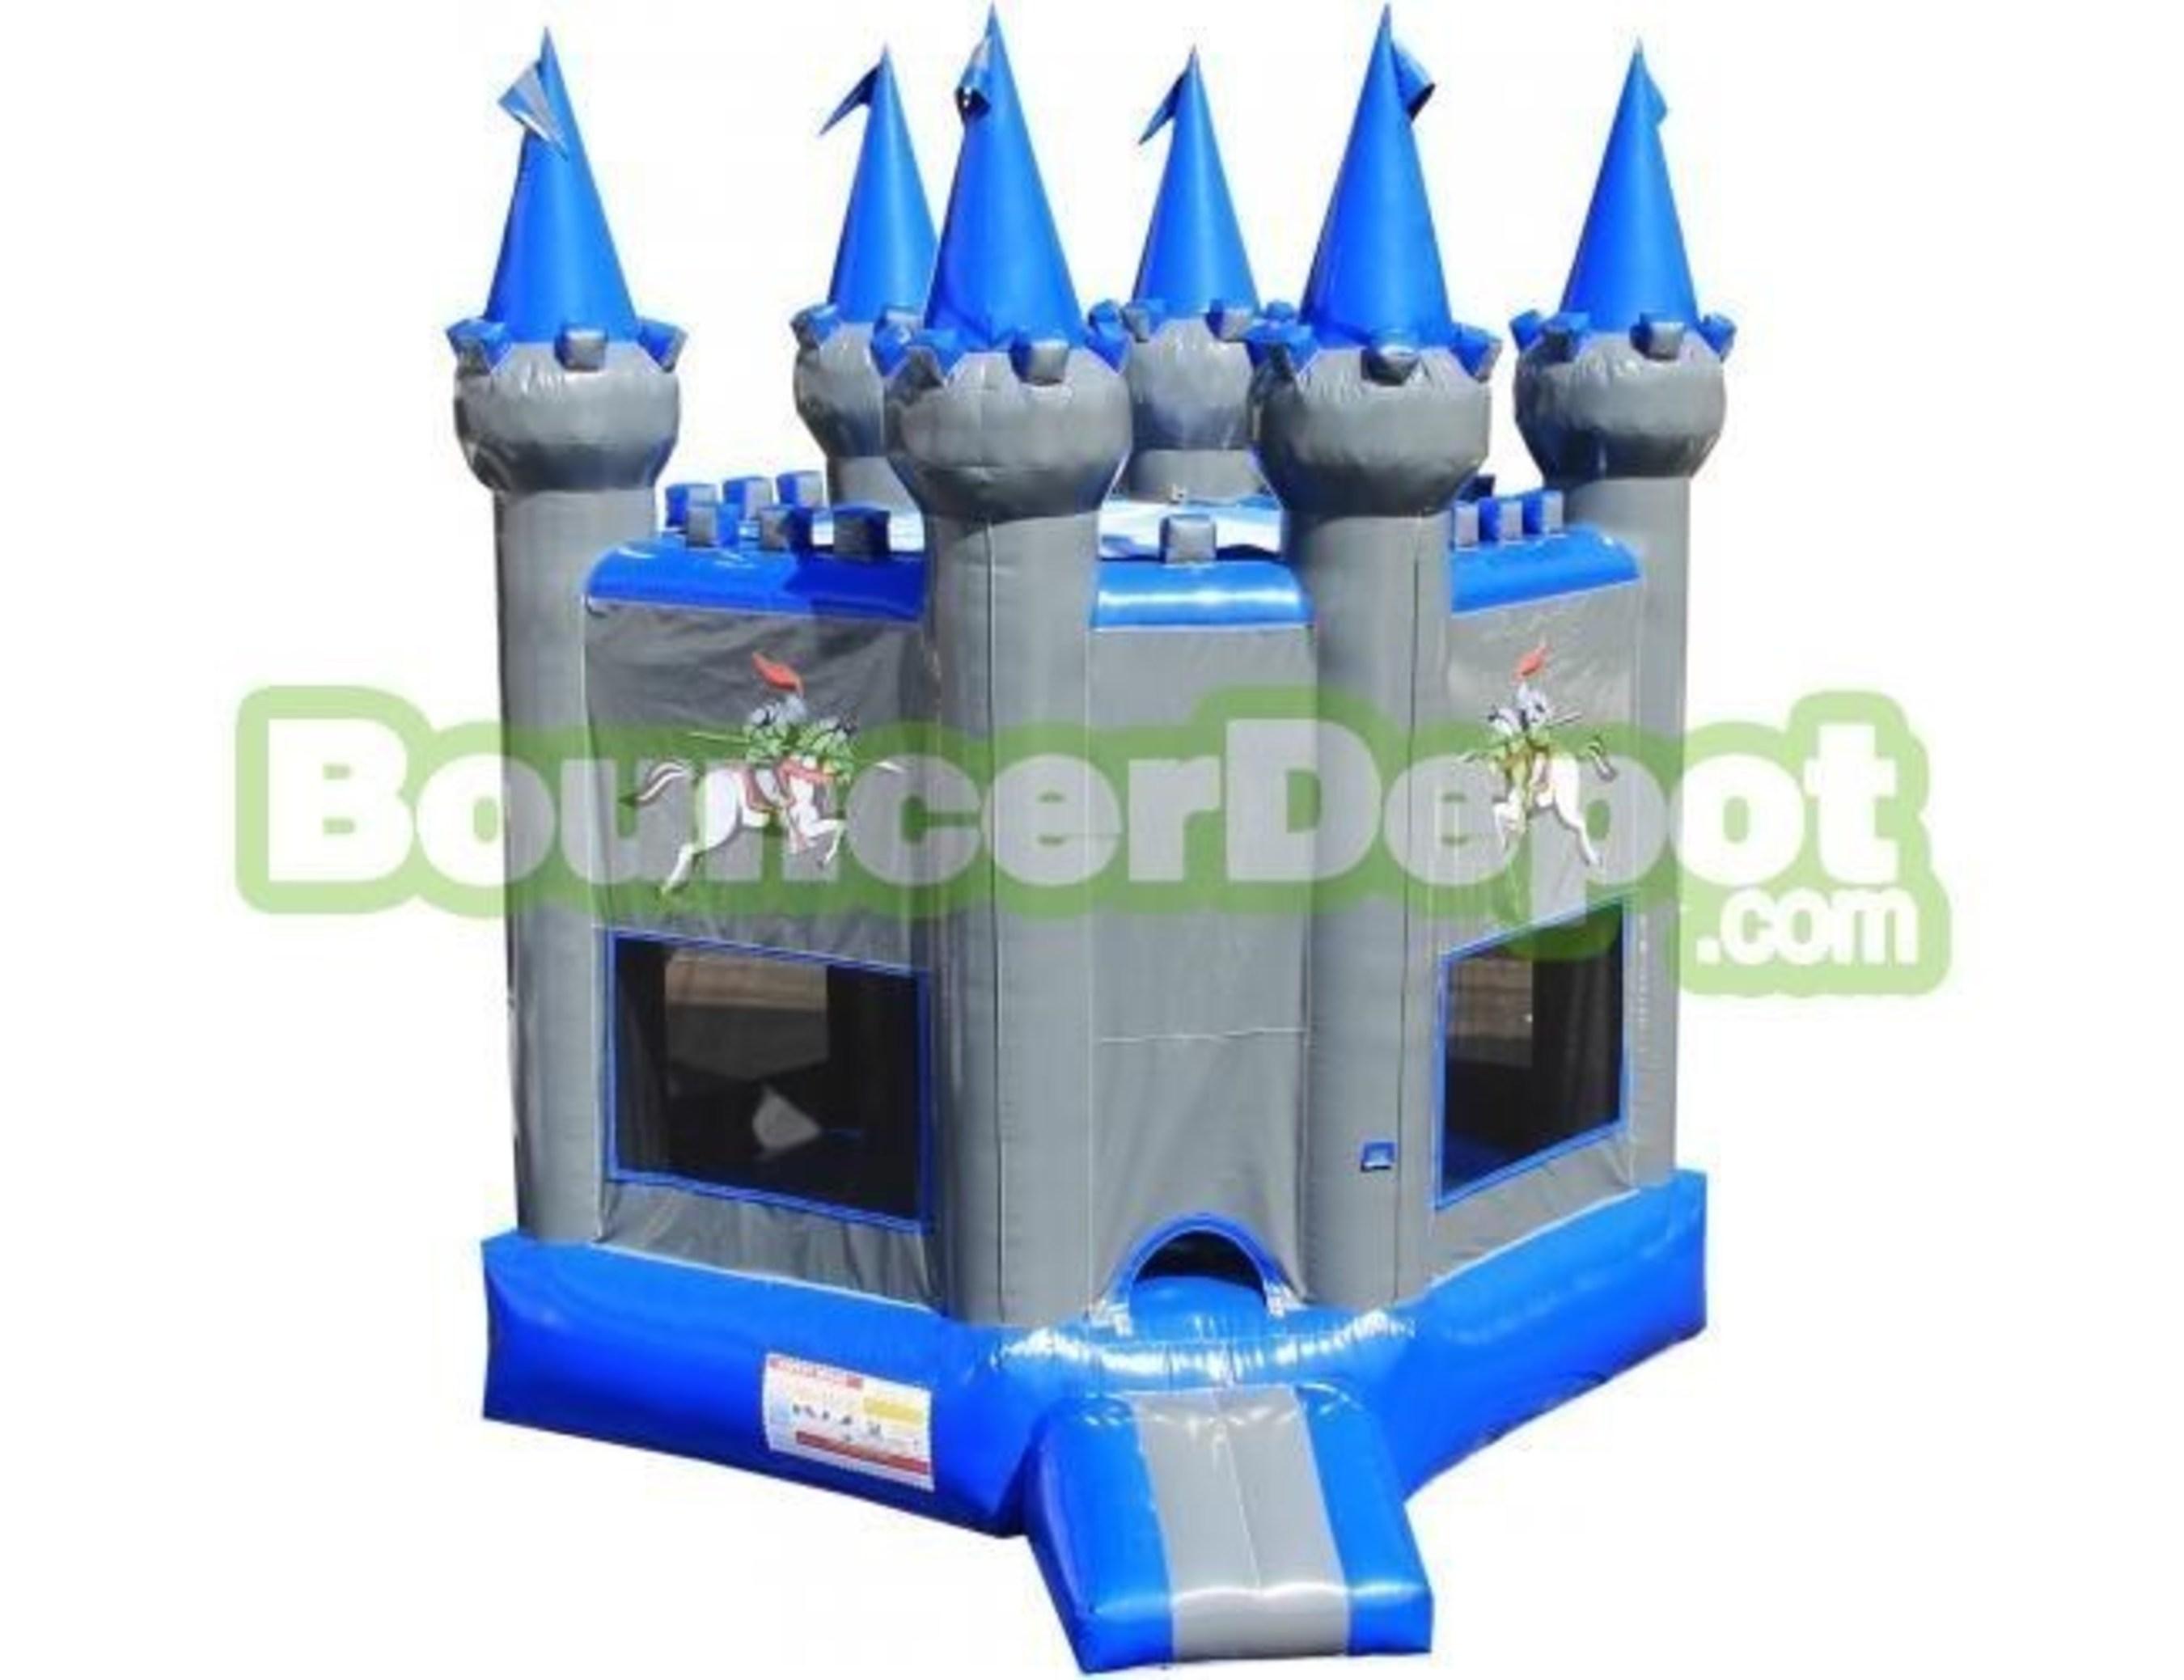 castle commercial bounce house